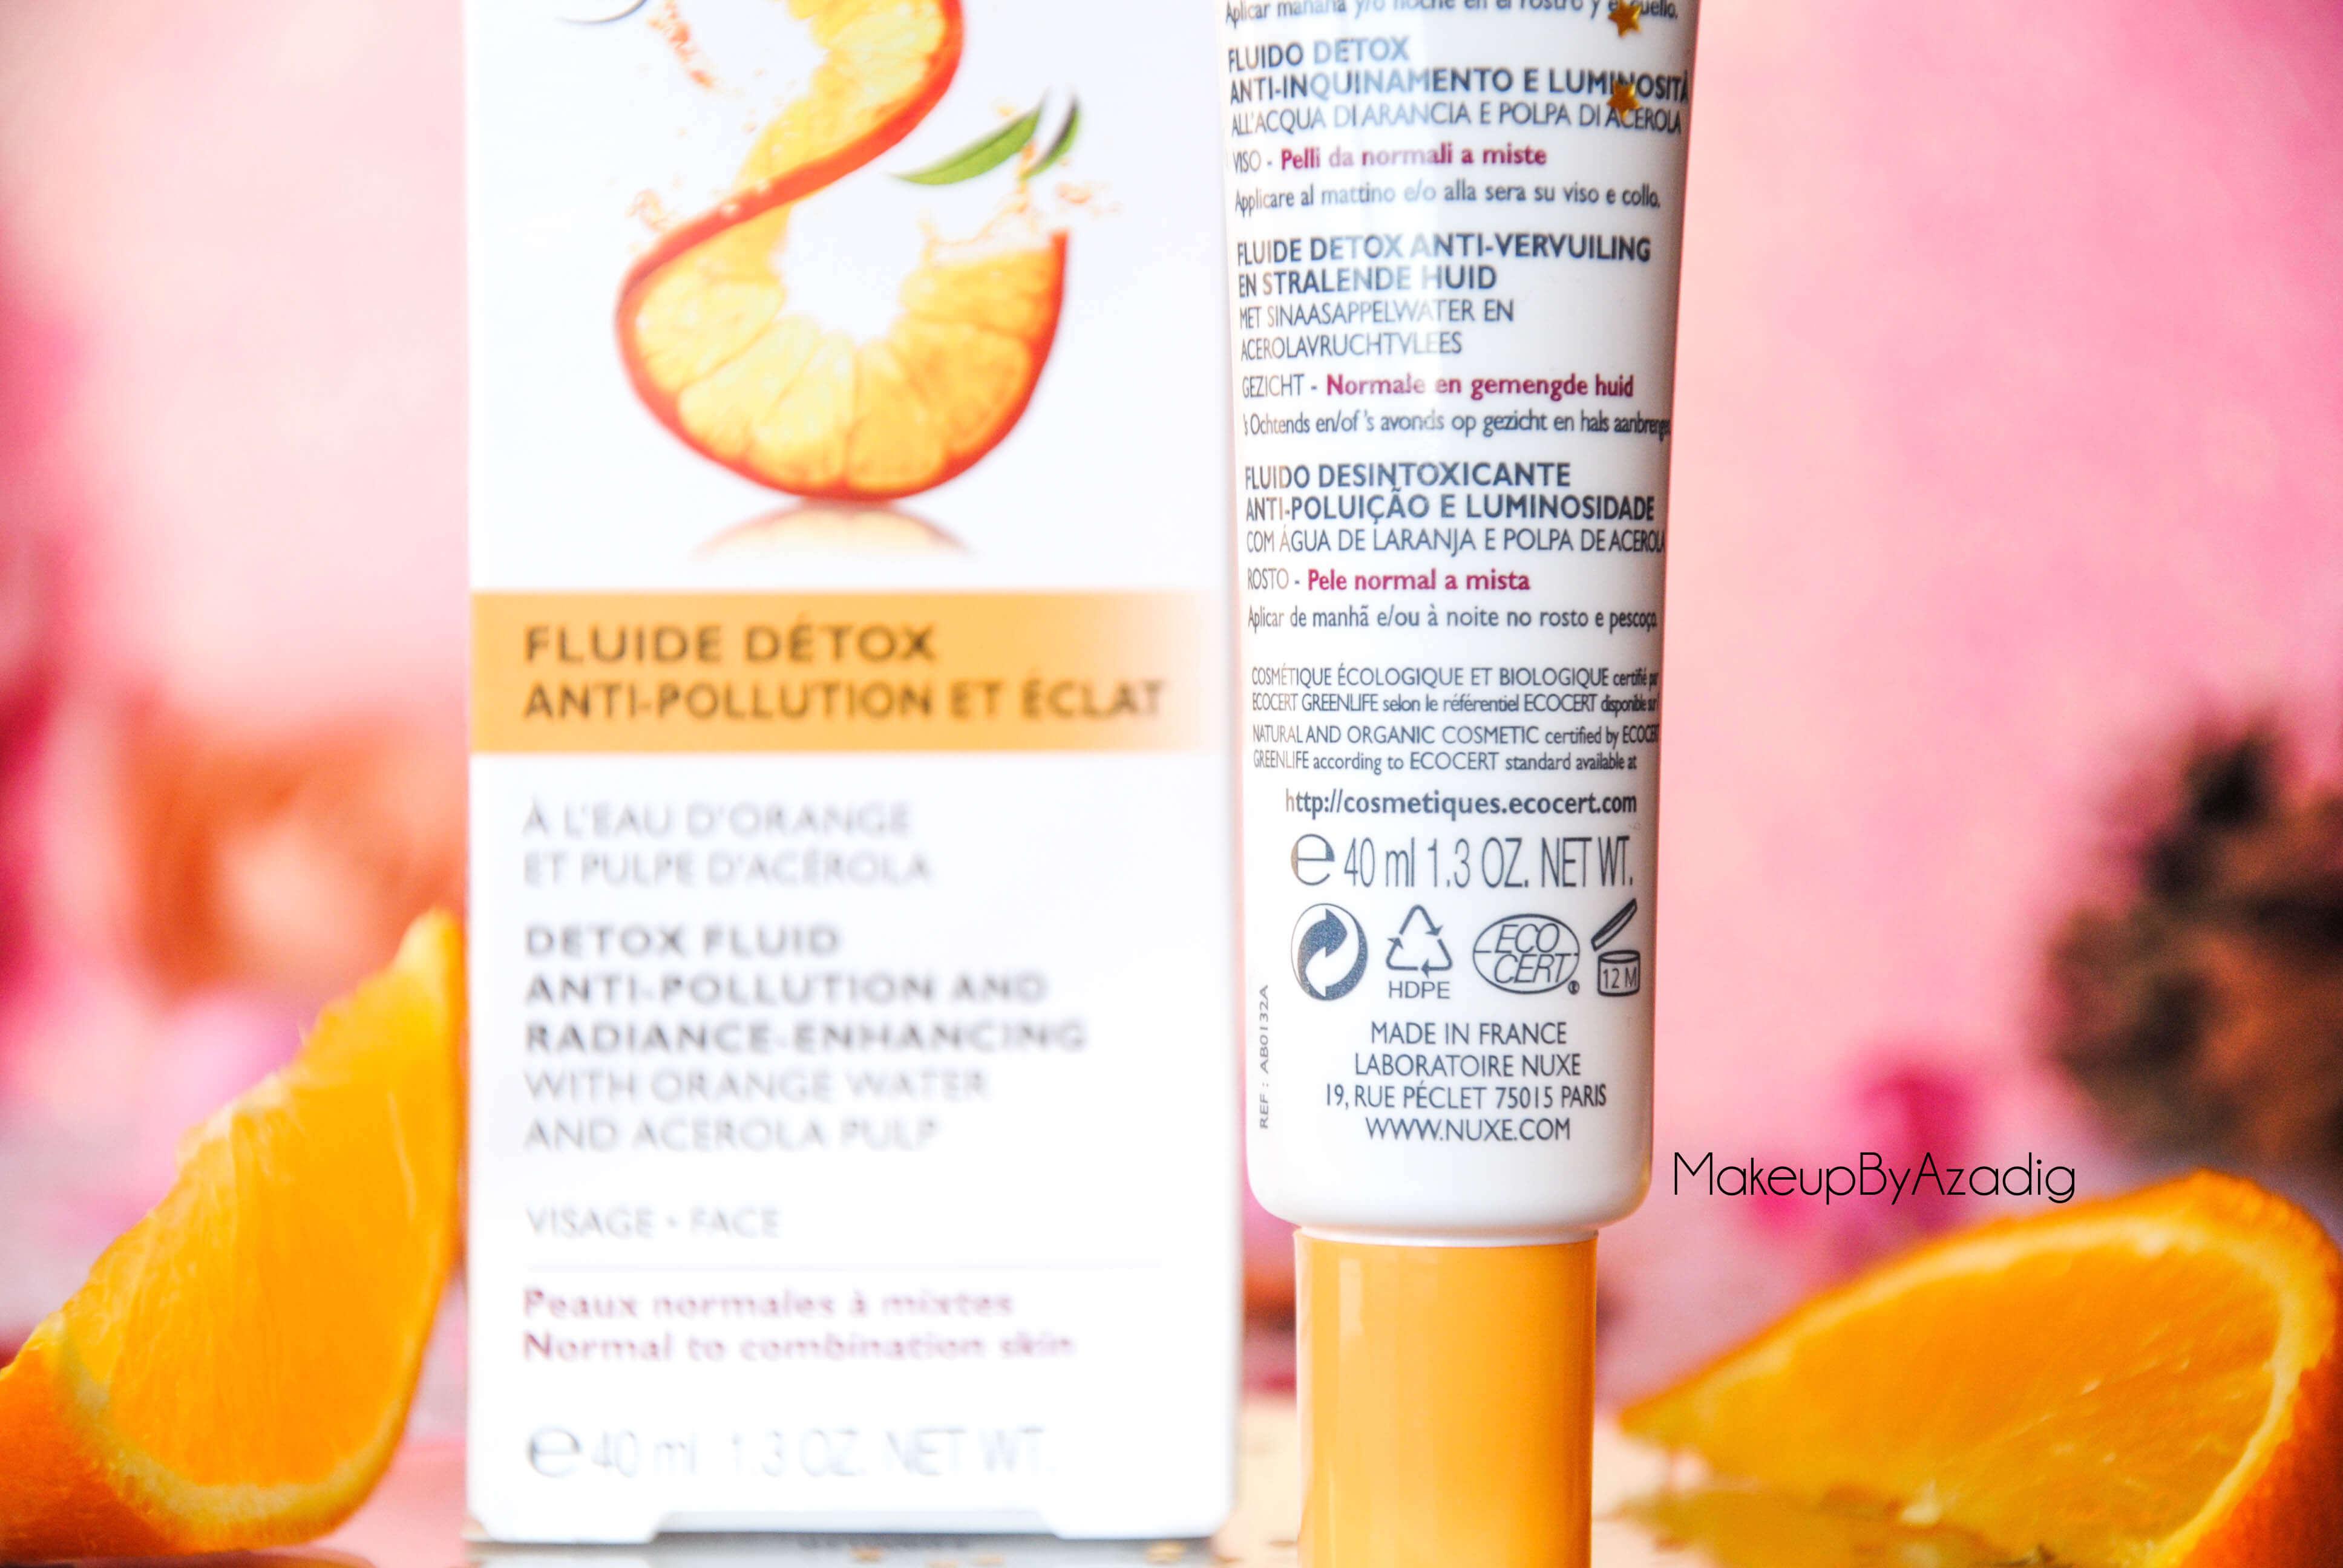 bio-beaute-nuxe-lotion-fluide-creme-contour-des-yeux-masque-orange-acerola-doctipharma-routine-du-matin-detox-soin-troyes-paris-makeupbyazadig-blog-revue-review-anti-pollution-pulpe